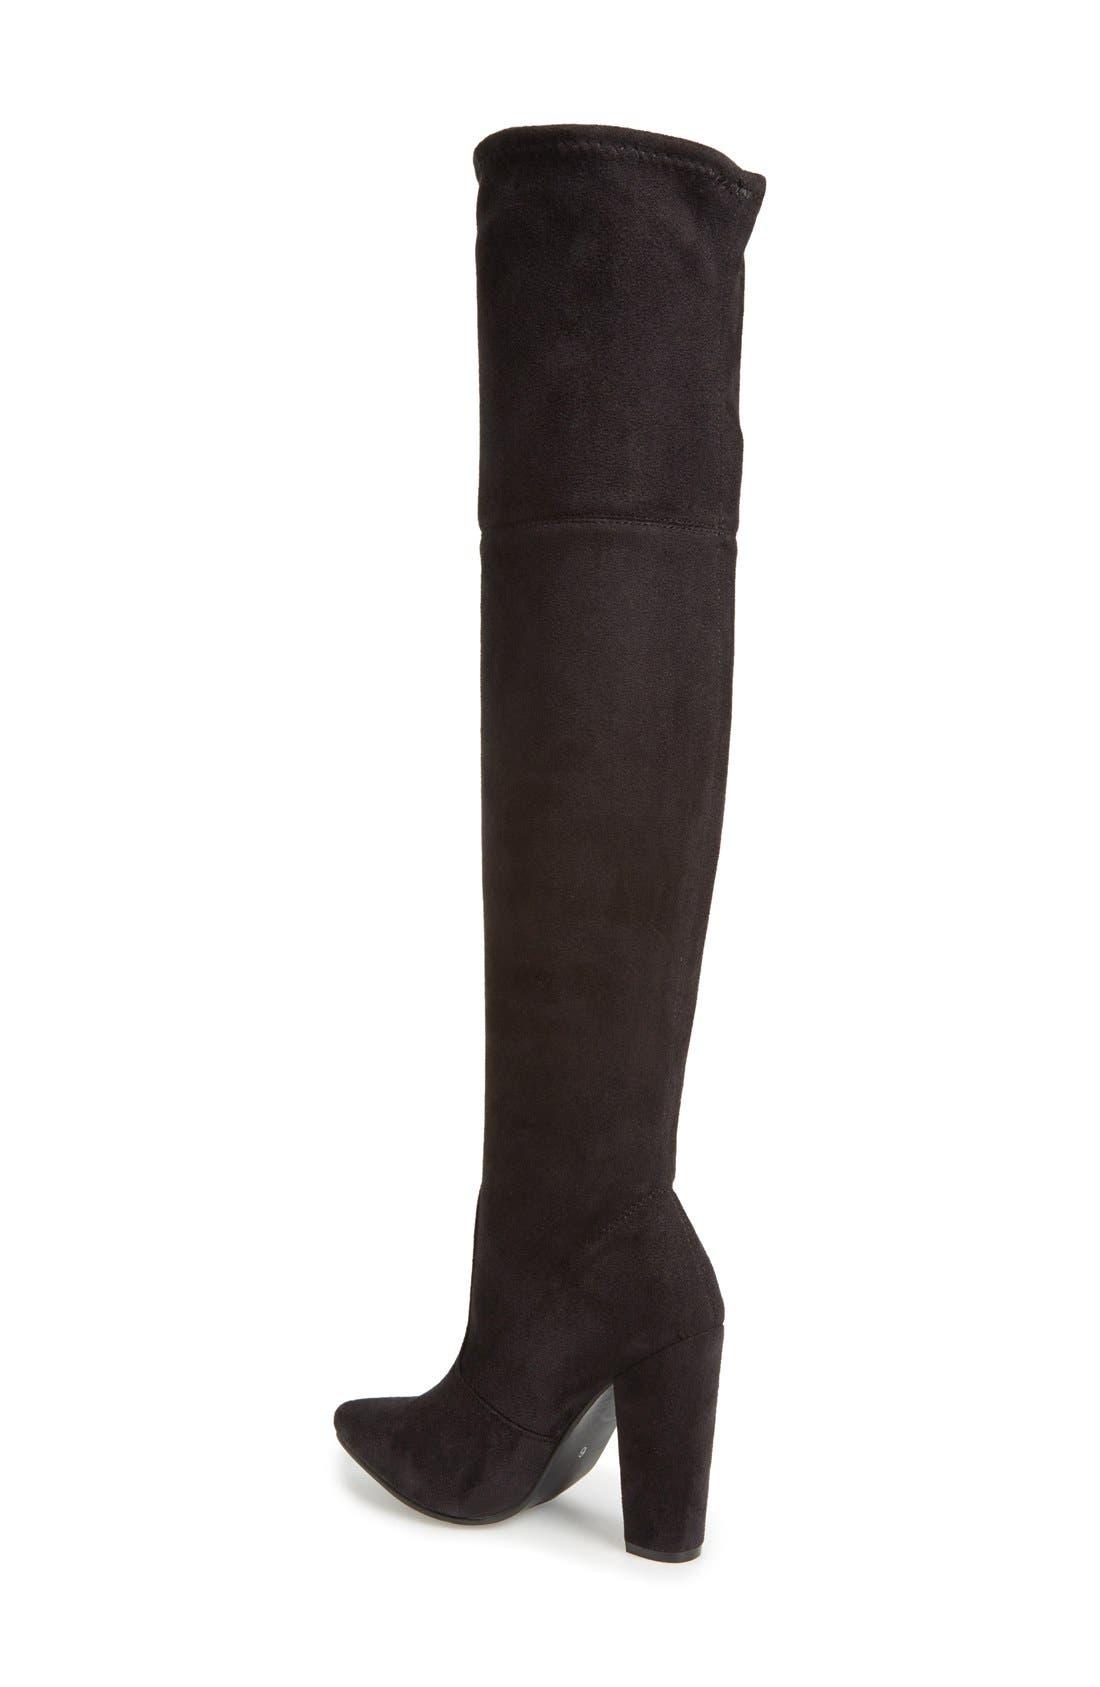 Alternate Image 2  - Steve Madden 'Rocking' Over the Knee Boot (Women)